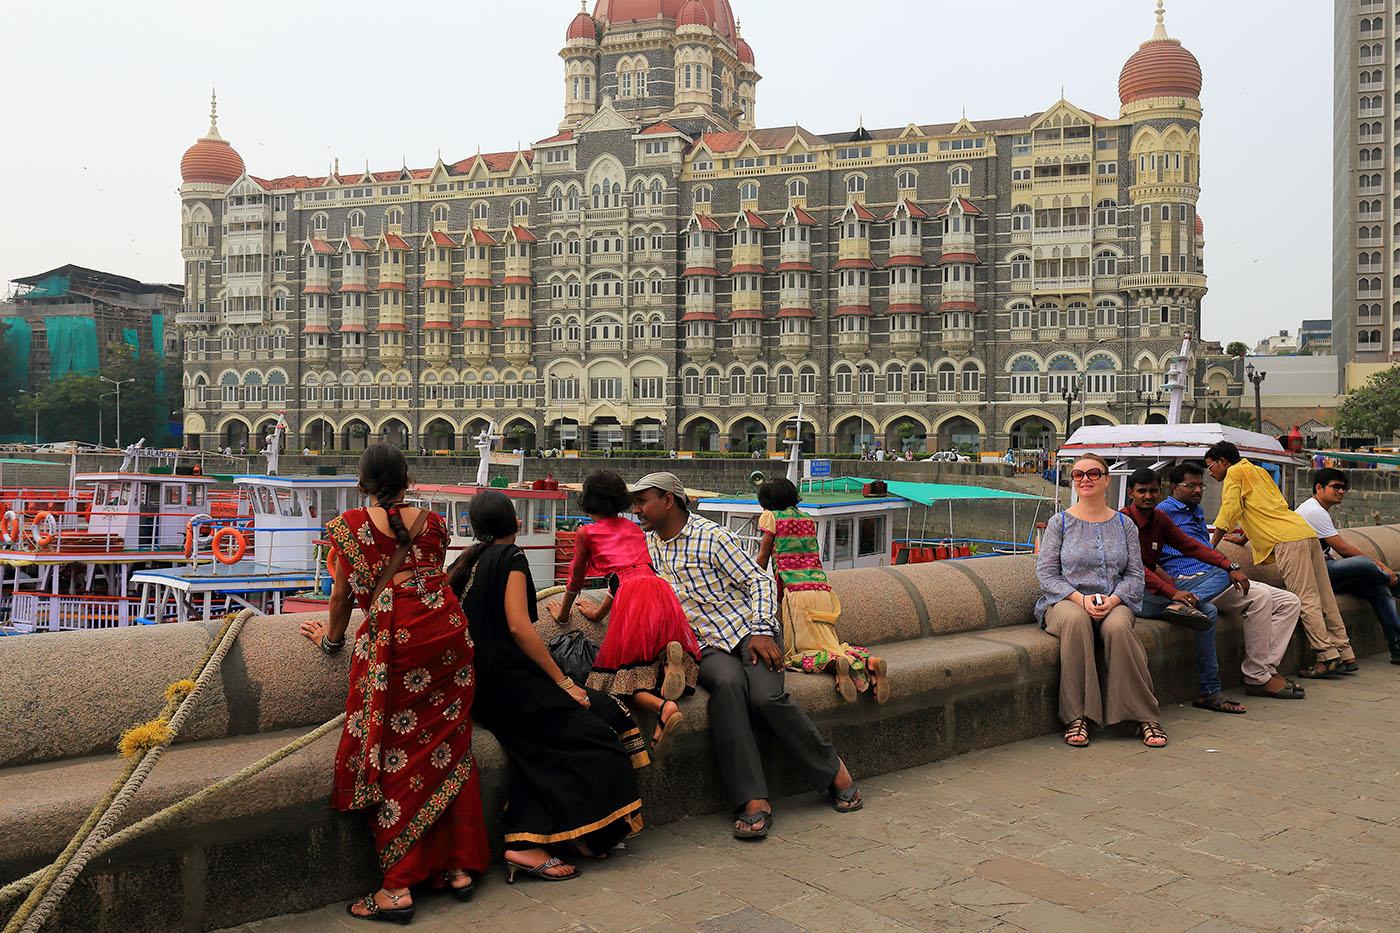 """Фотография №15. Два индийца на фоне отеля """"Тадж-Махал"""" в Мумбаи. Прогулка по местам """"Шантарам"""". Самостоятельный тур в Индию. (24-70, 1/200 , -1eV, f9, 38 mm, ISO 100)"""